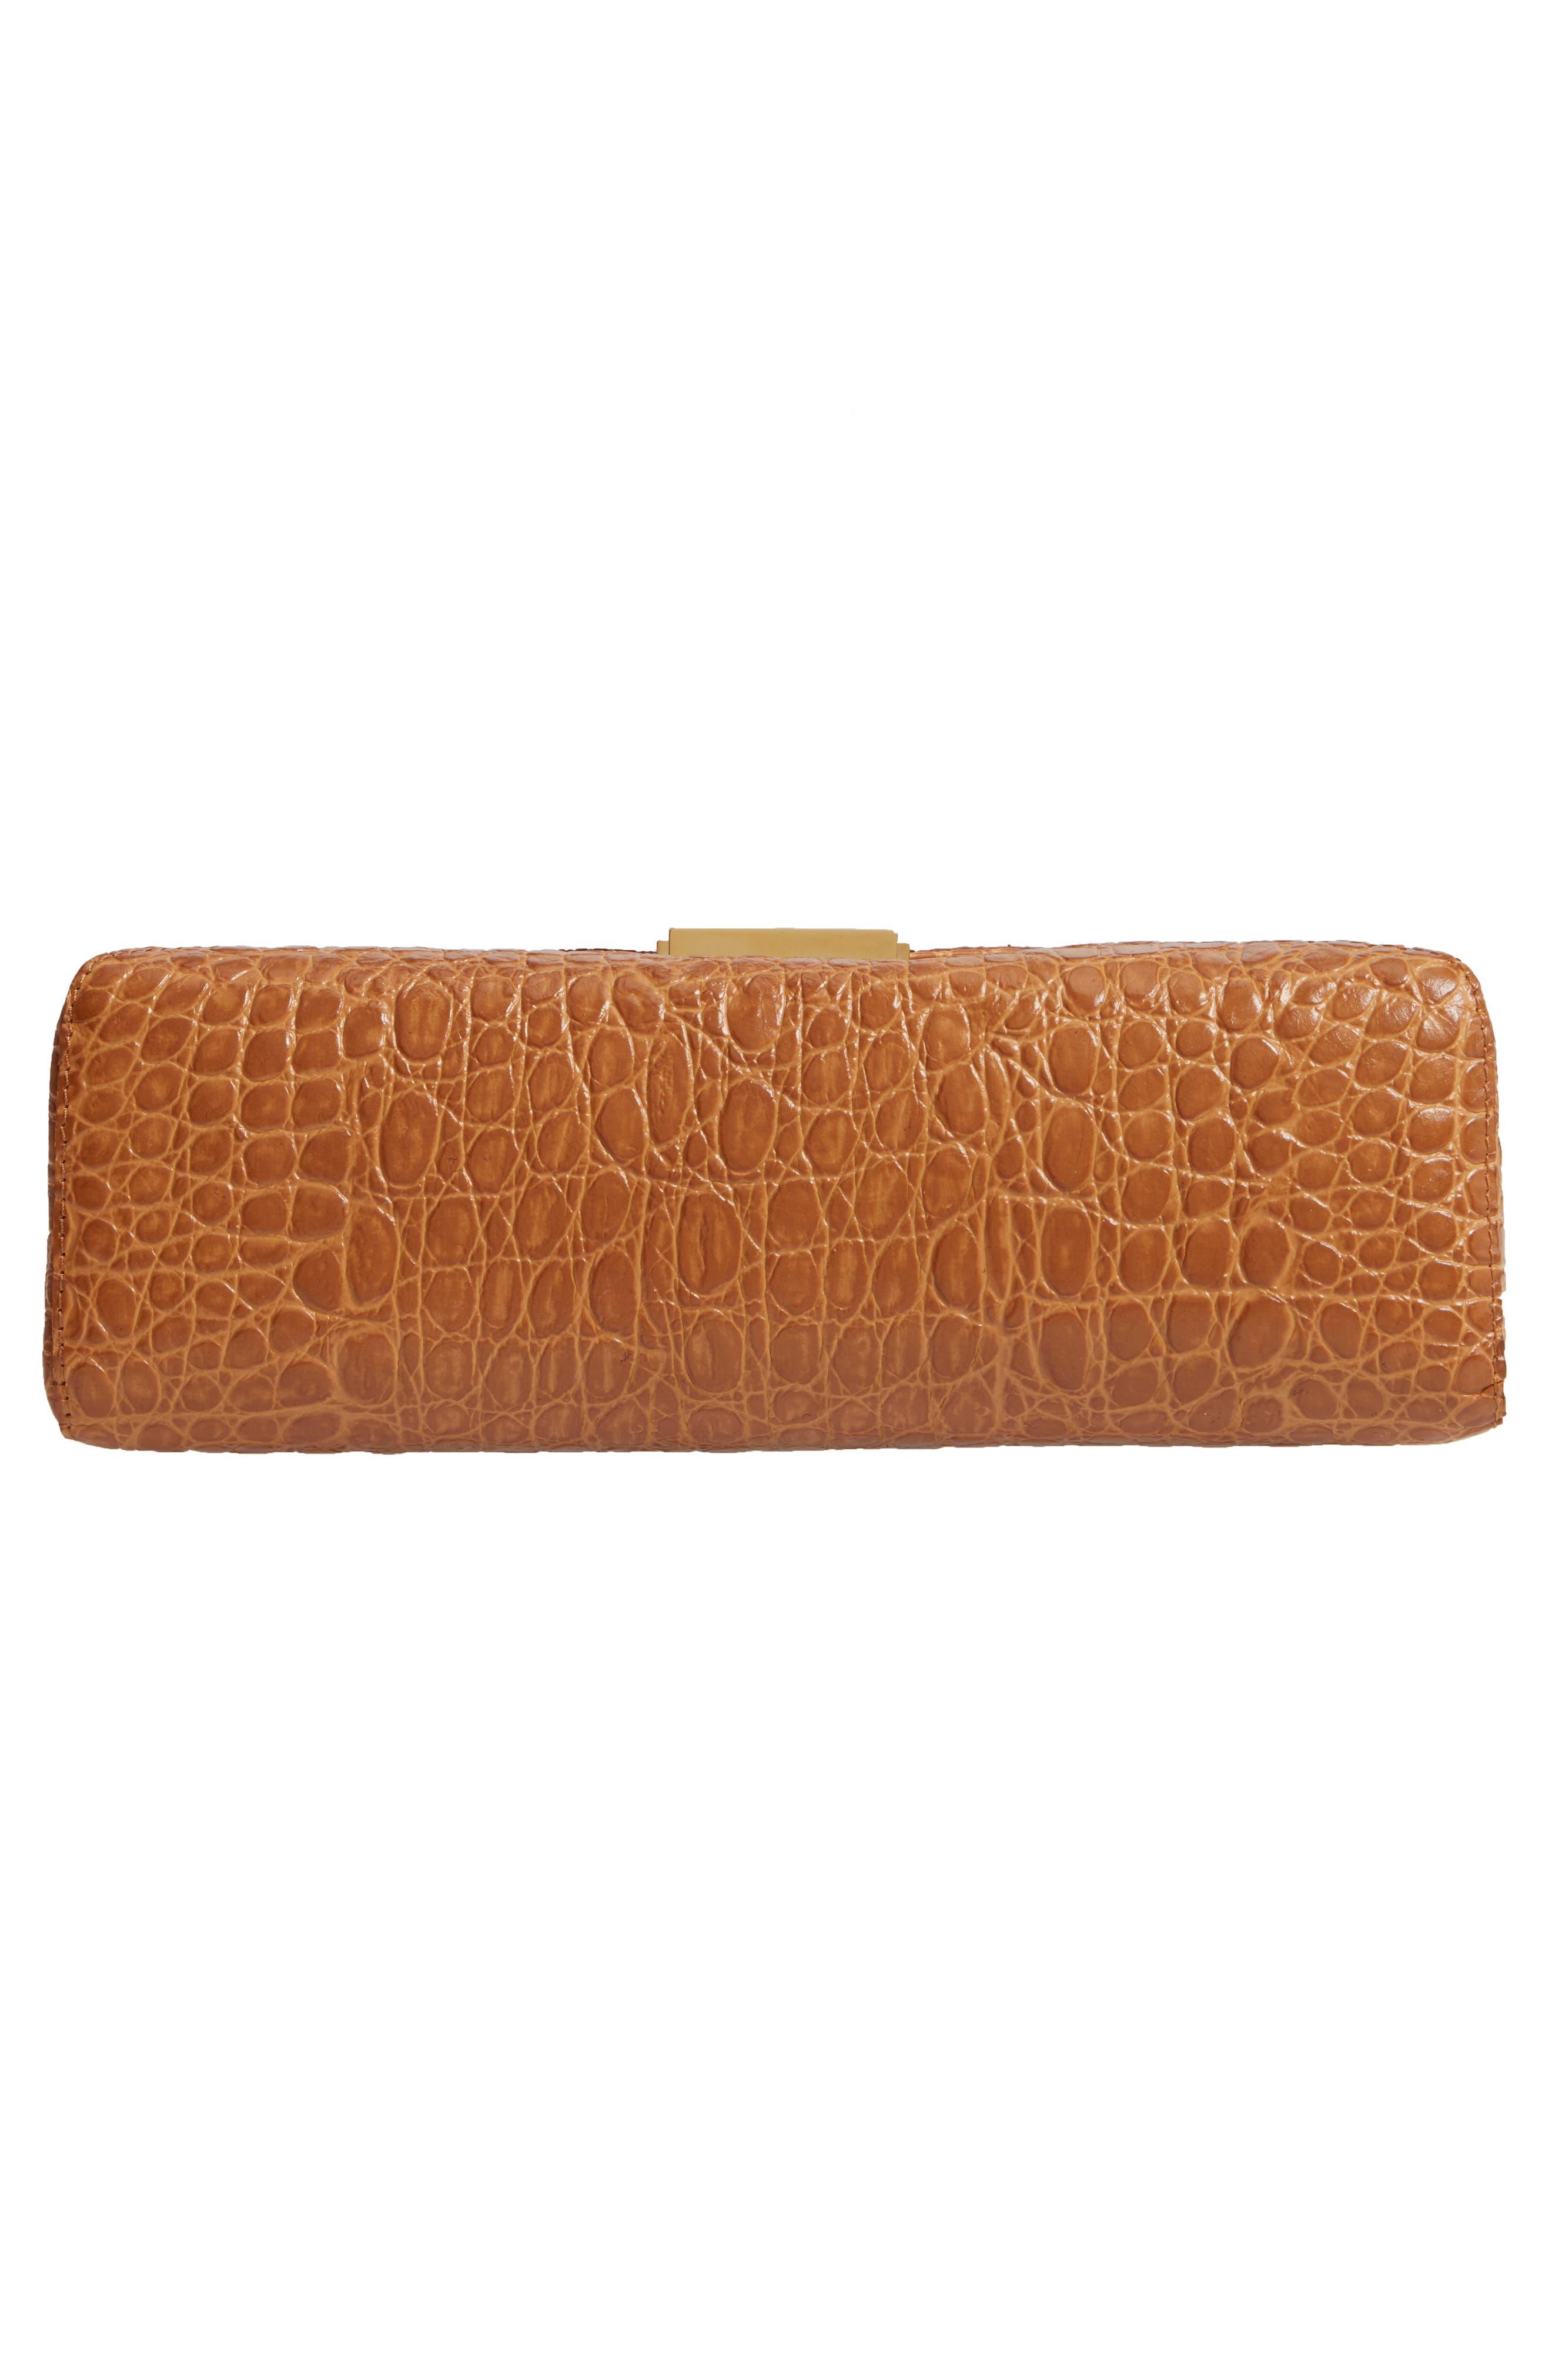 Croc Embossed Leather Shoulder Bag,                             Alternate thumbnail 6, color,                             GOLD